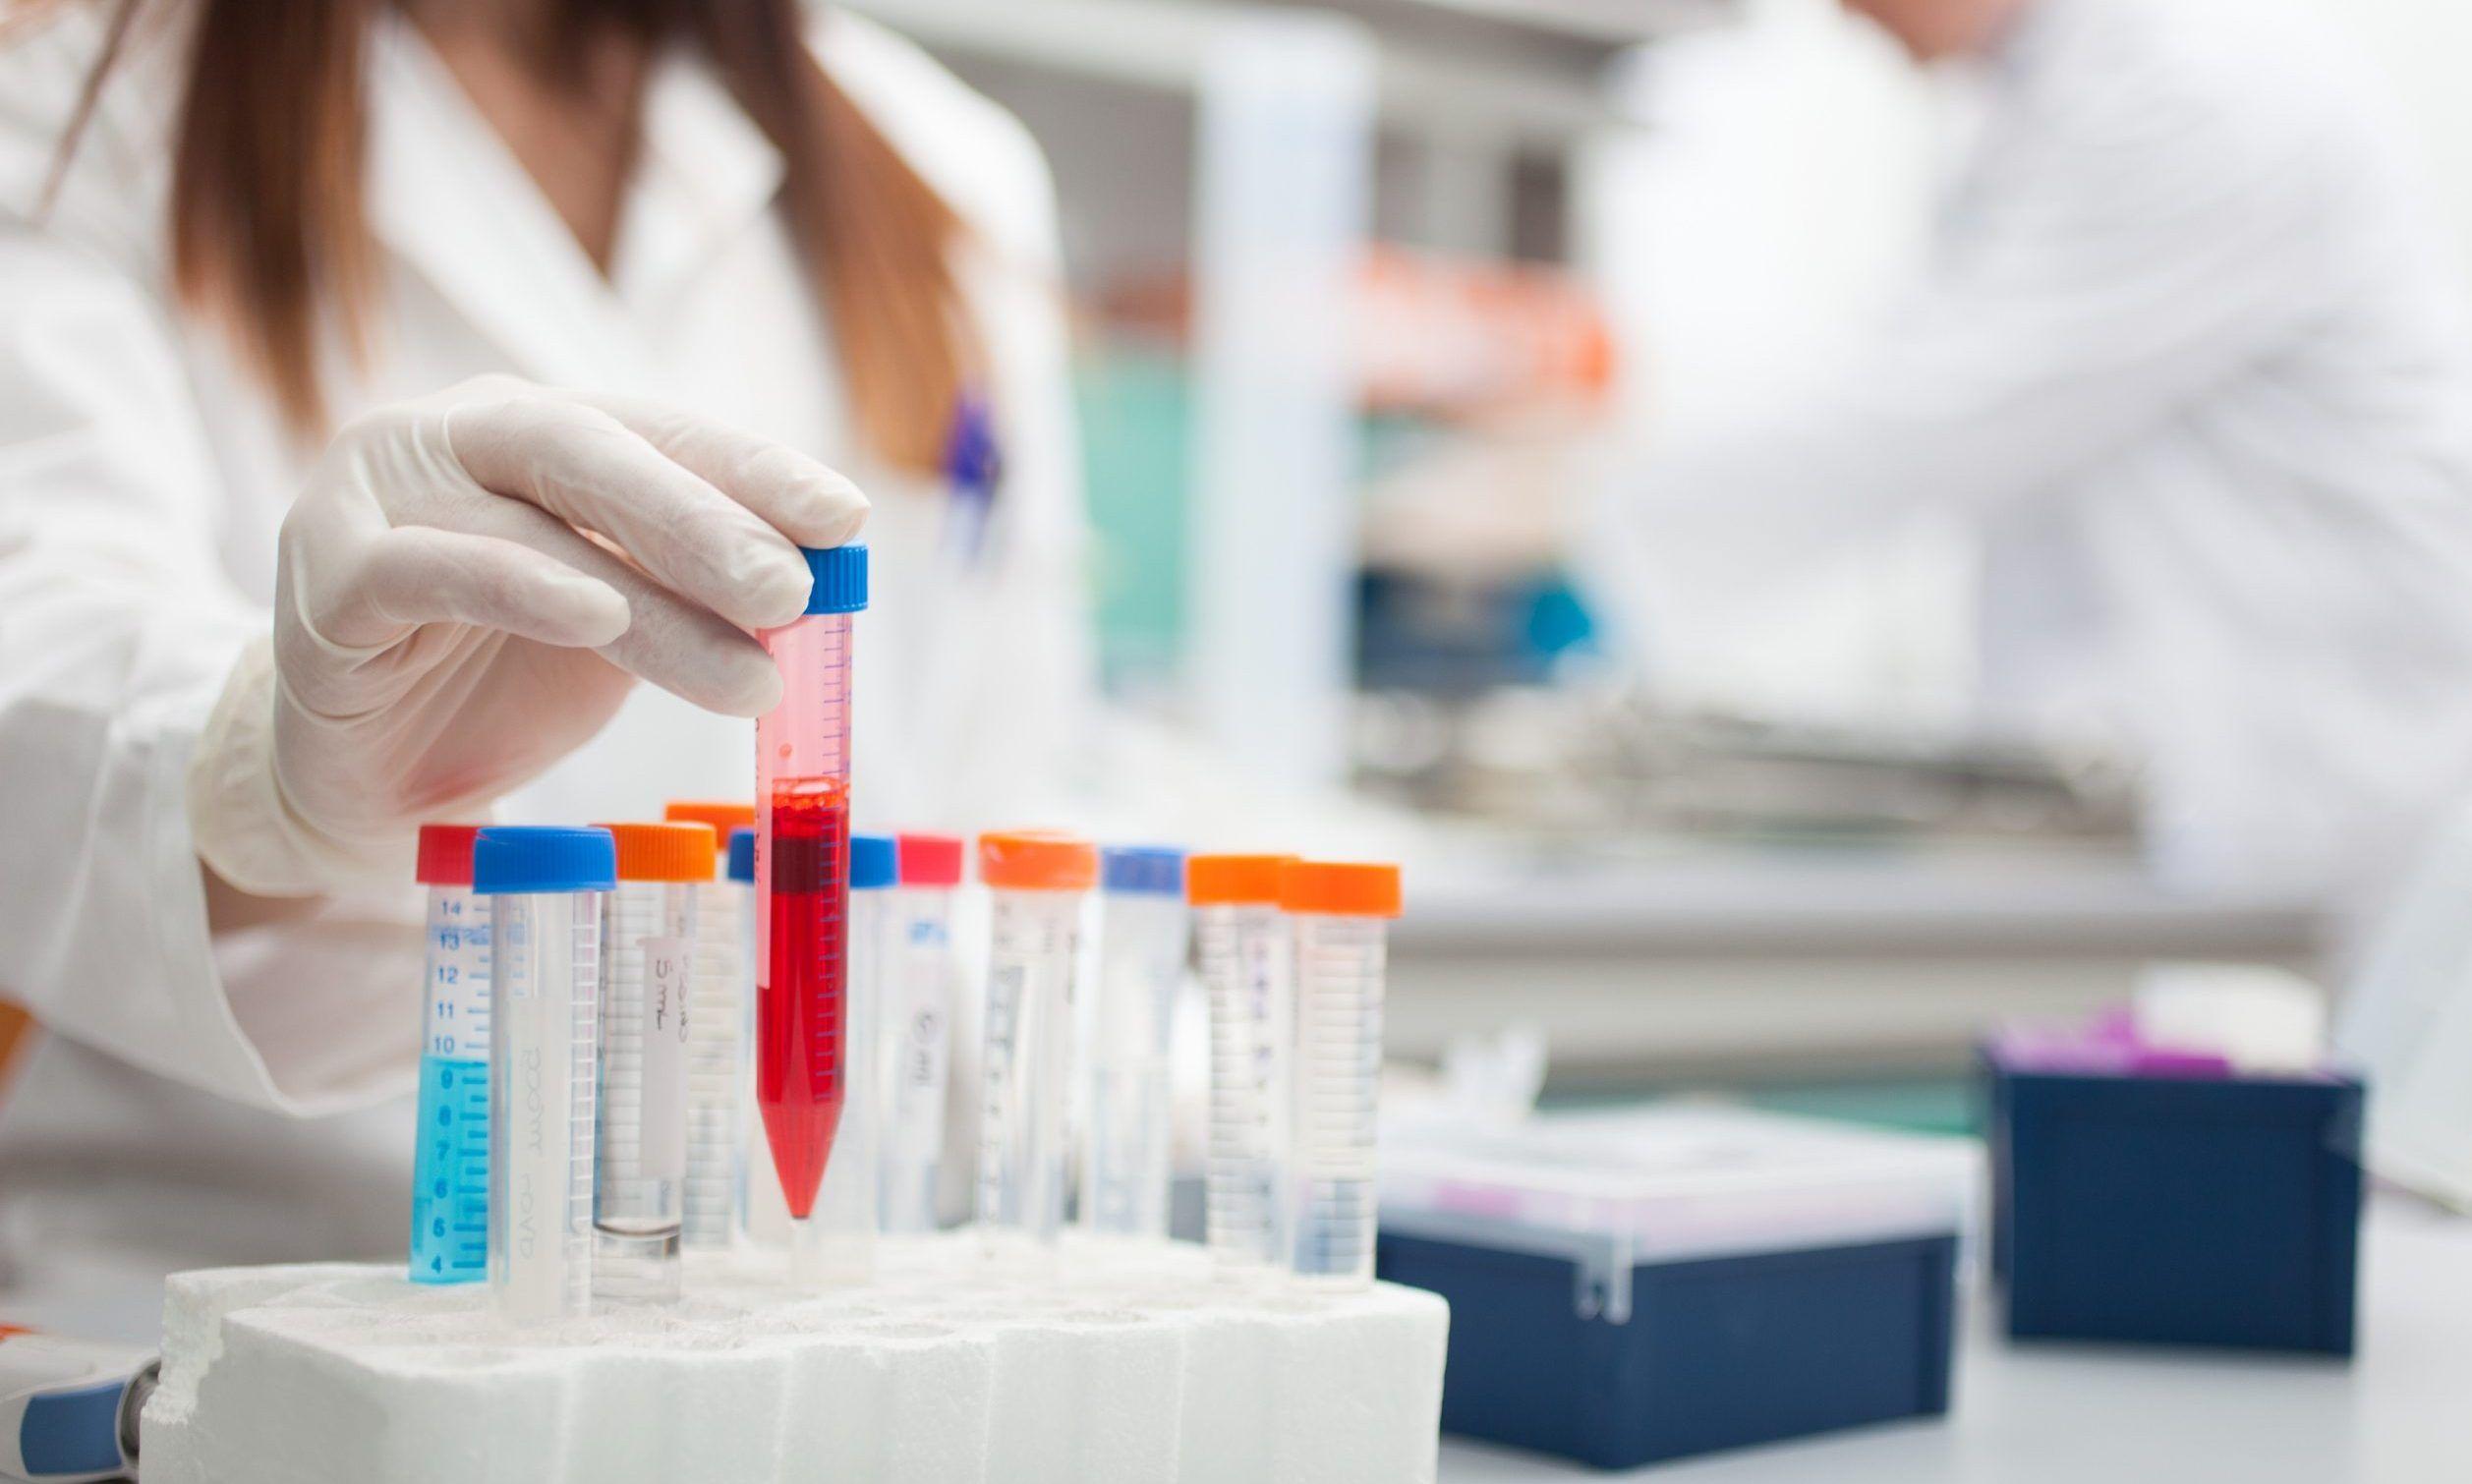 Pharmamar espera que el MP14, su última creación, sea capaz de atacar a dos tipos de patologías oncológicas